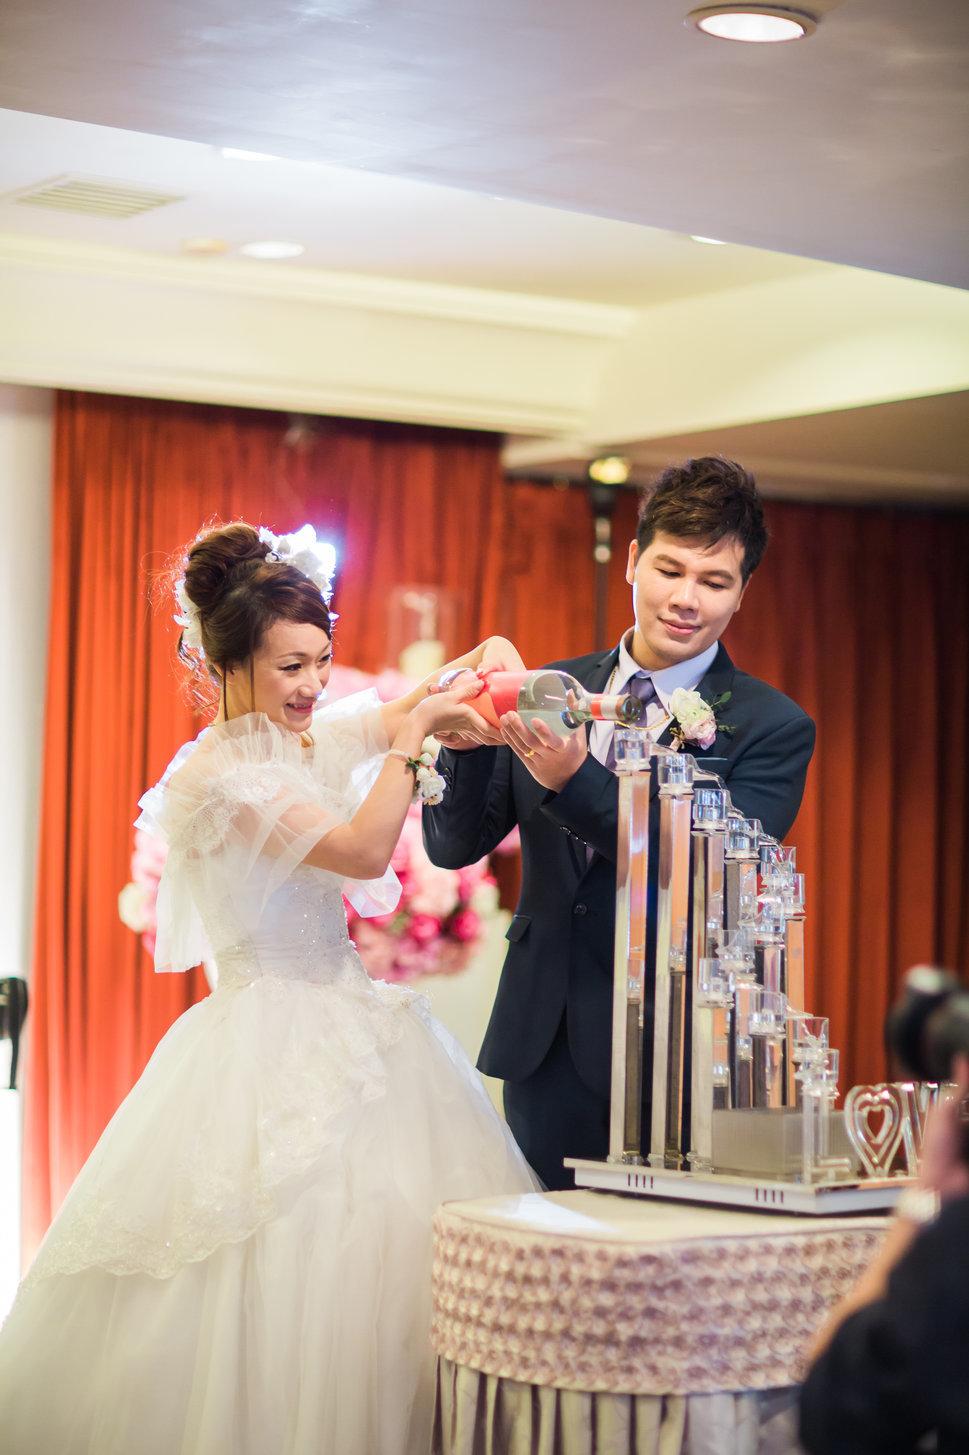 結婚/高雄寒軒(編號:161252) - 绊嵐攝 - 結婚吧一站式婚禮服務平台